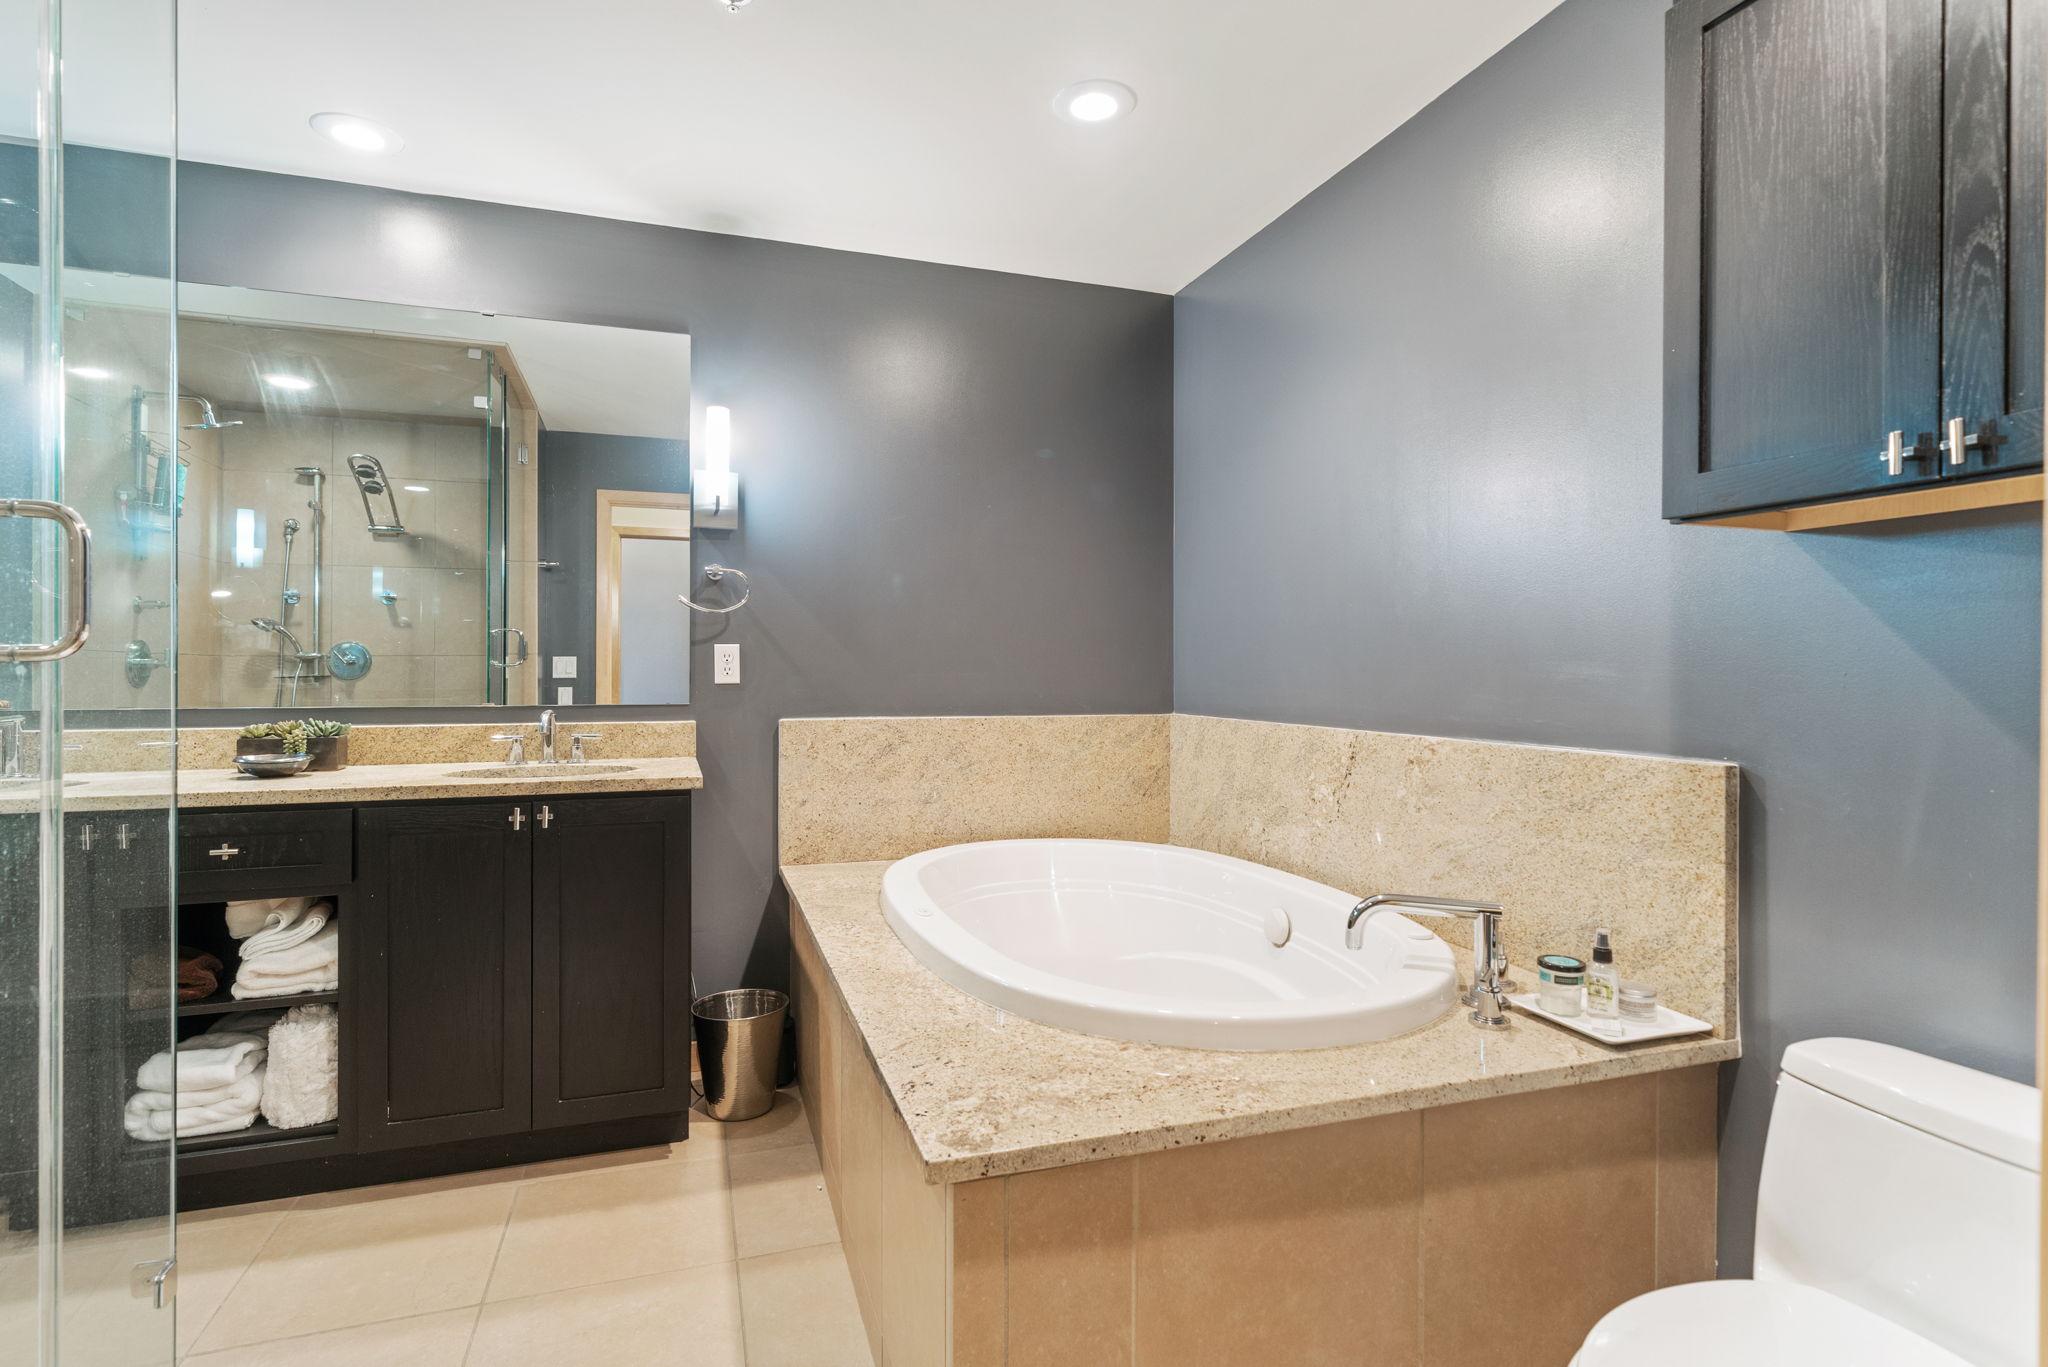 607 S Washington Ave 507, Minneapolis, MN 55415, US Photo 18